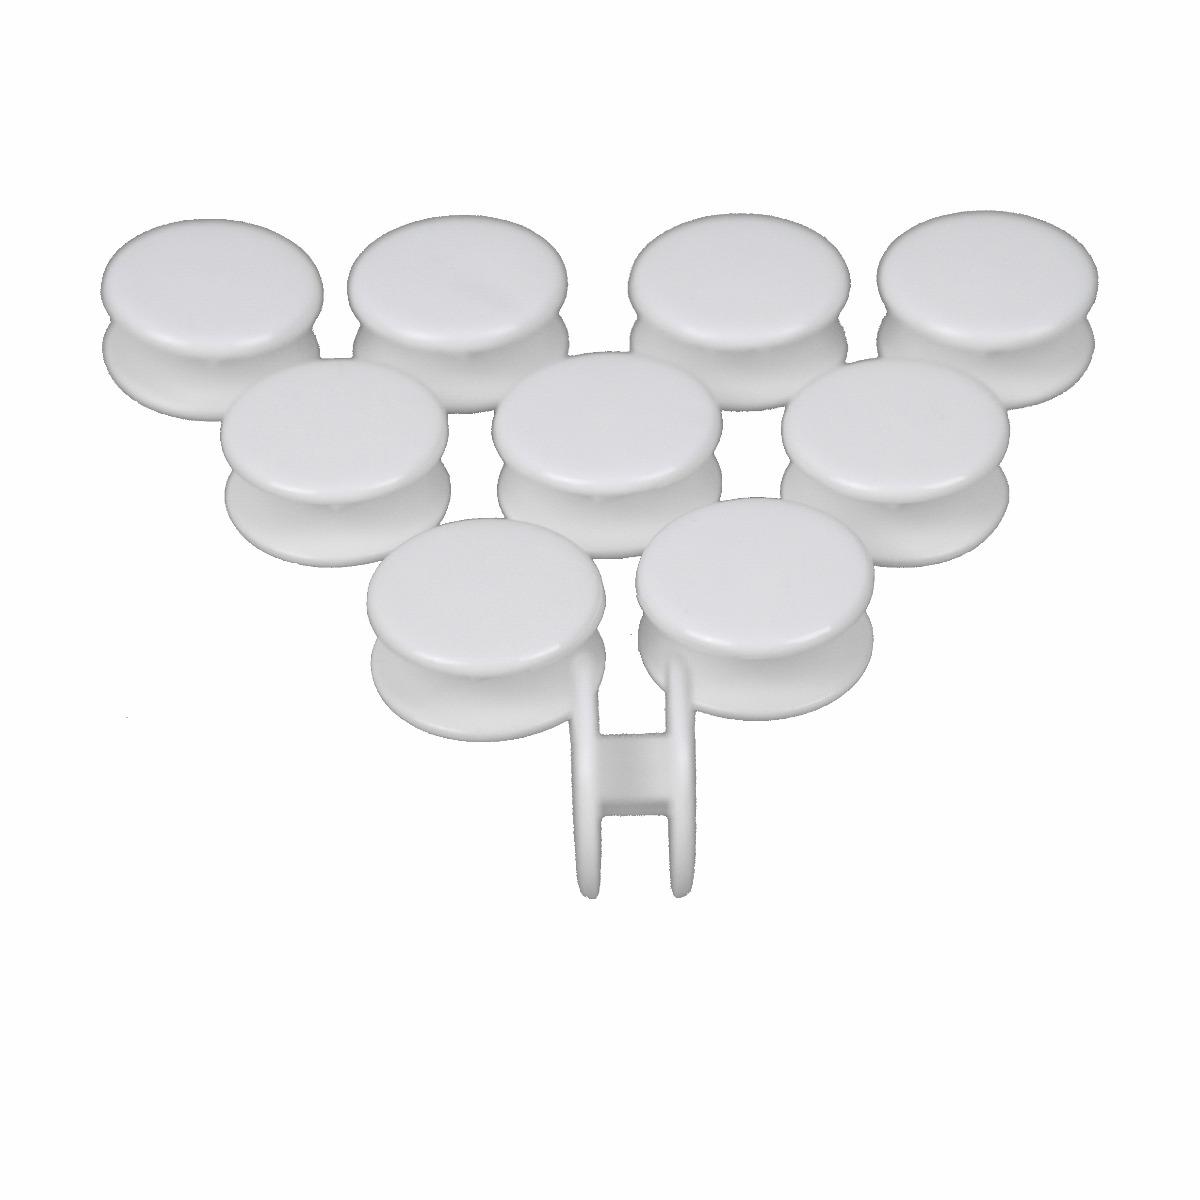 Extra set 10 stuks verbindingsknopjes voor Cocoon, Bamboe en Wildzijde dekbedden